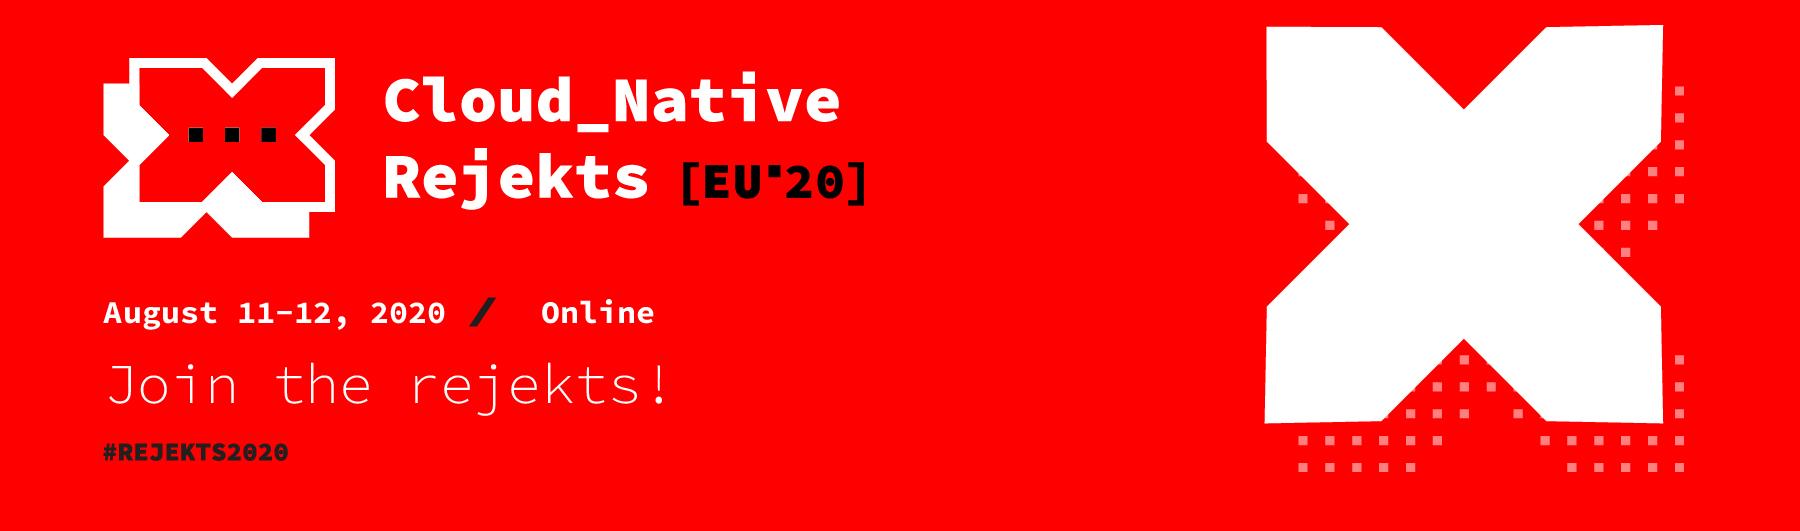 Cloud Native Rejekts EU 2020